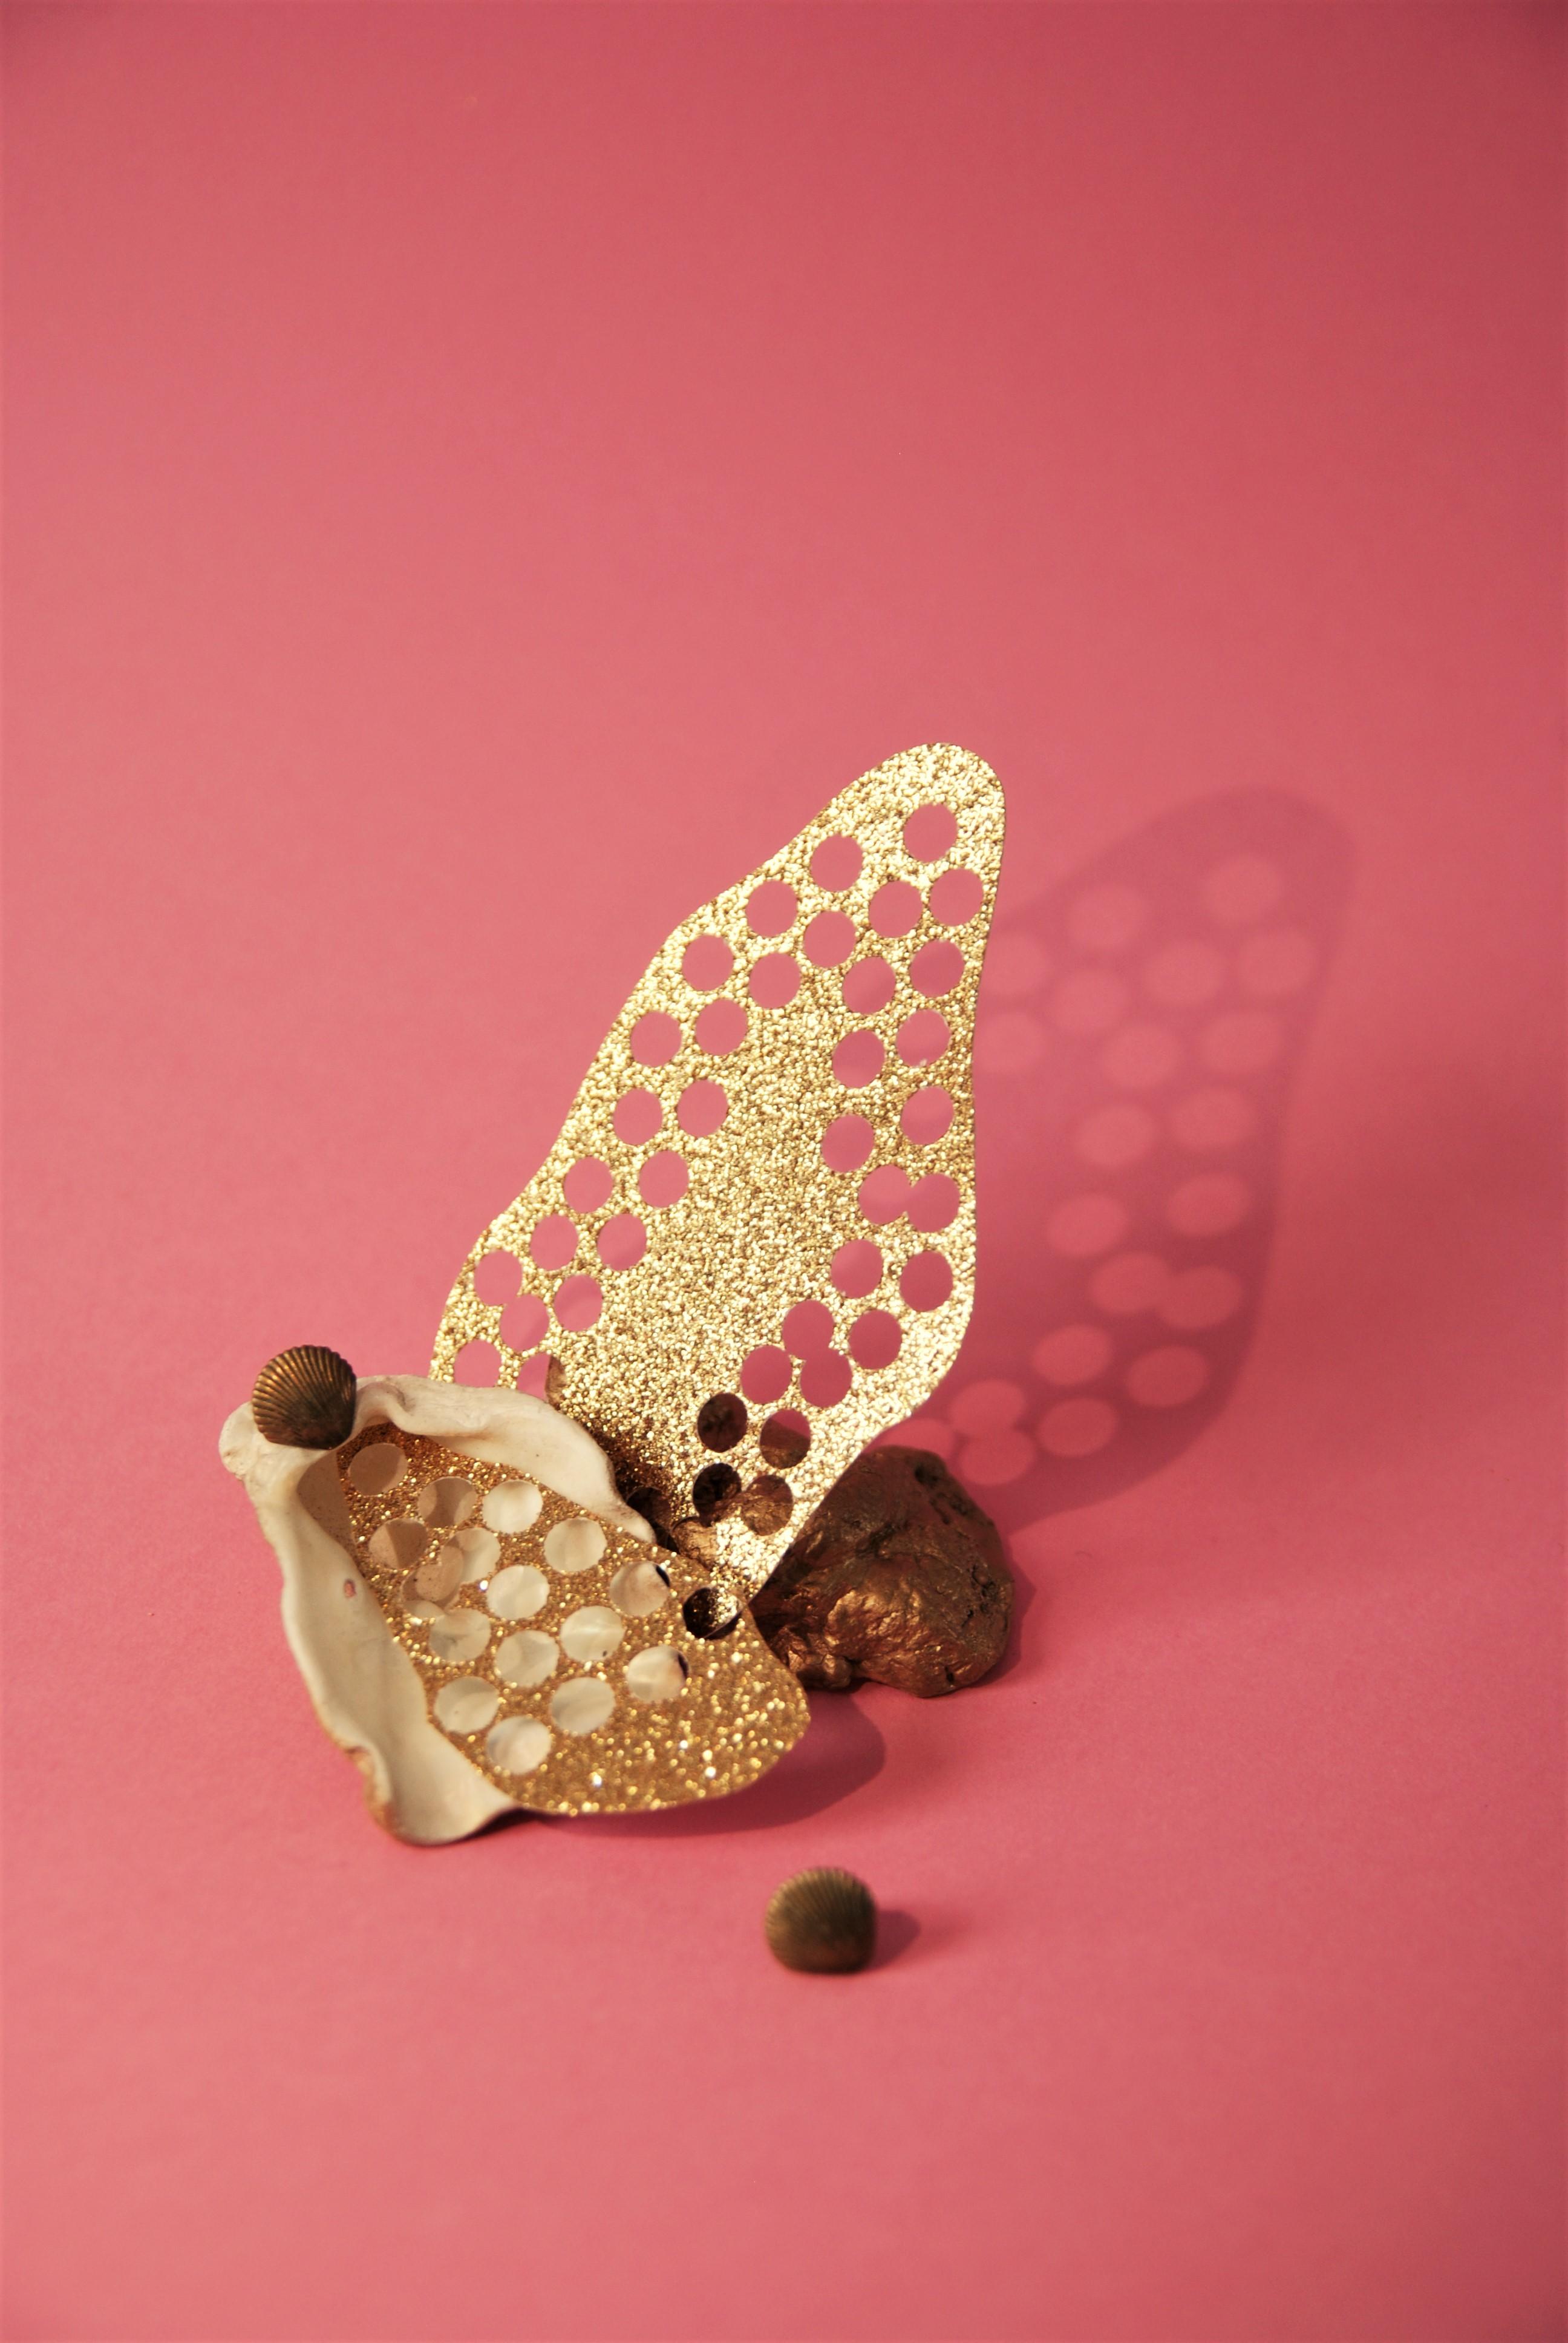 Set-Design-bijoux-boucles-coquillages-papiers-pailletés-Laure-Devenelle-2020